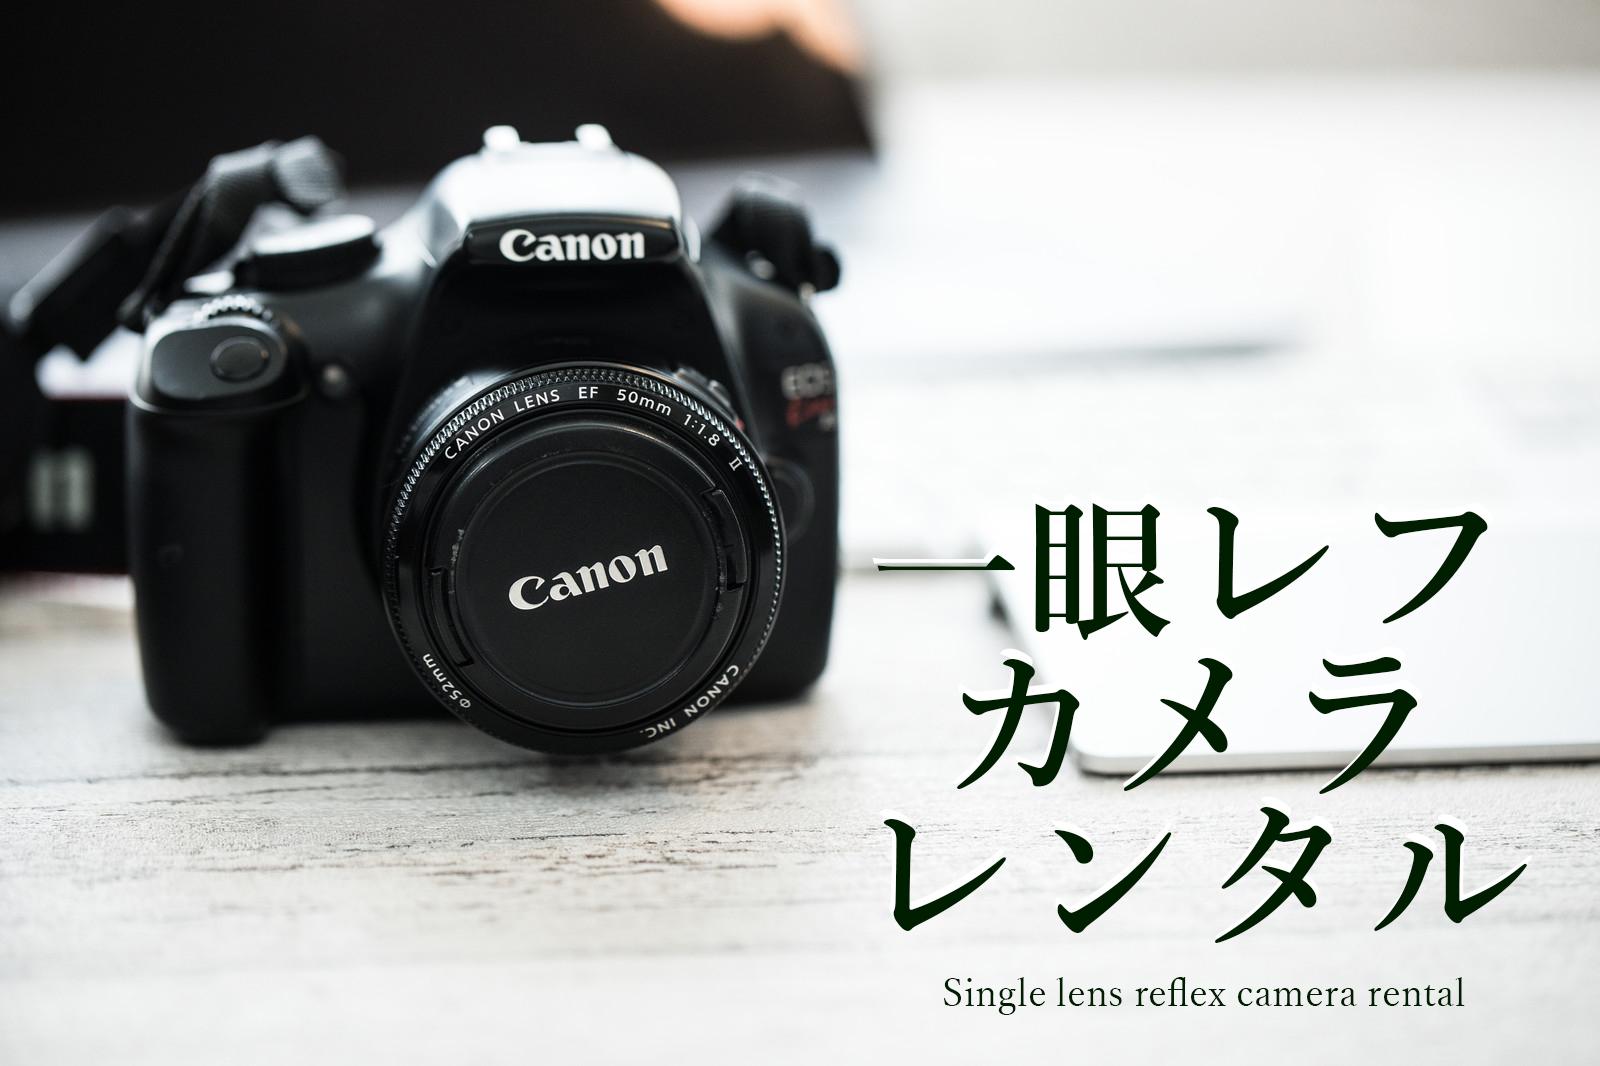 一眼レフカメラ無料レンタル